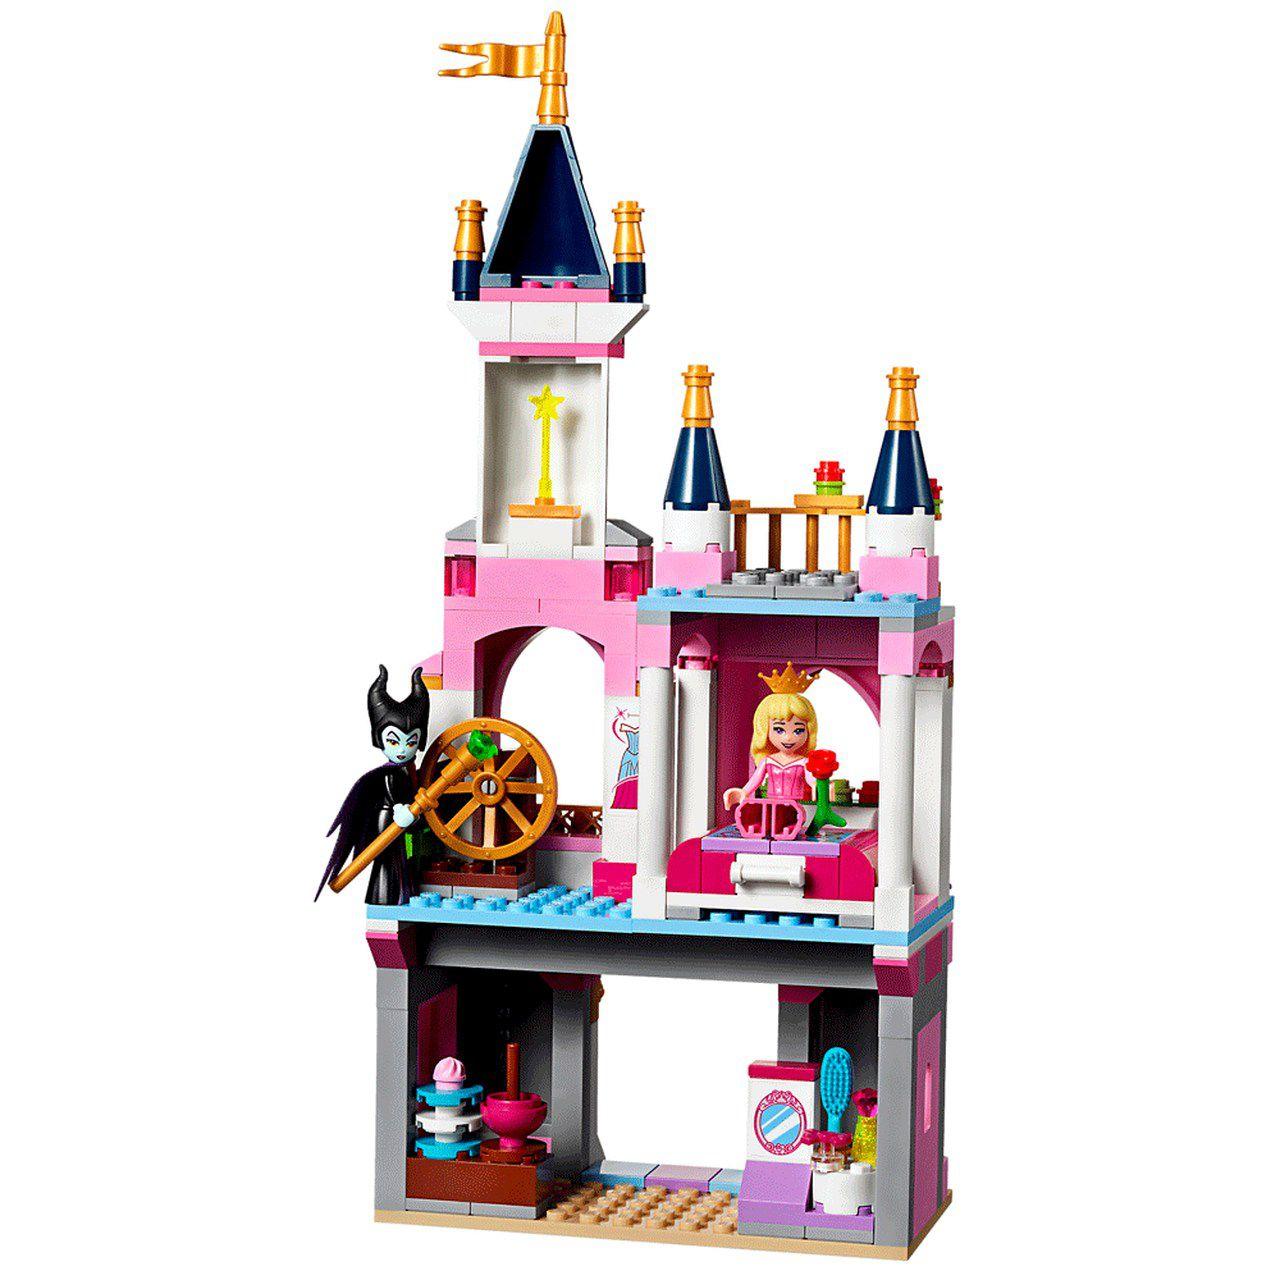 LEGO Barco Castelo Bela Adormecida (Disney) 322 Peças (Apenas Venda Online)